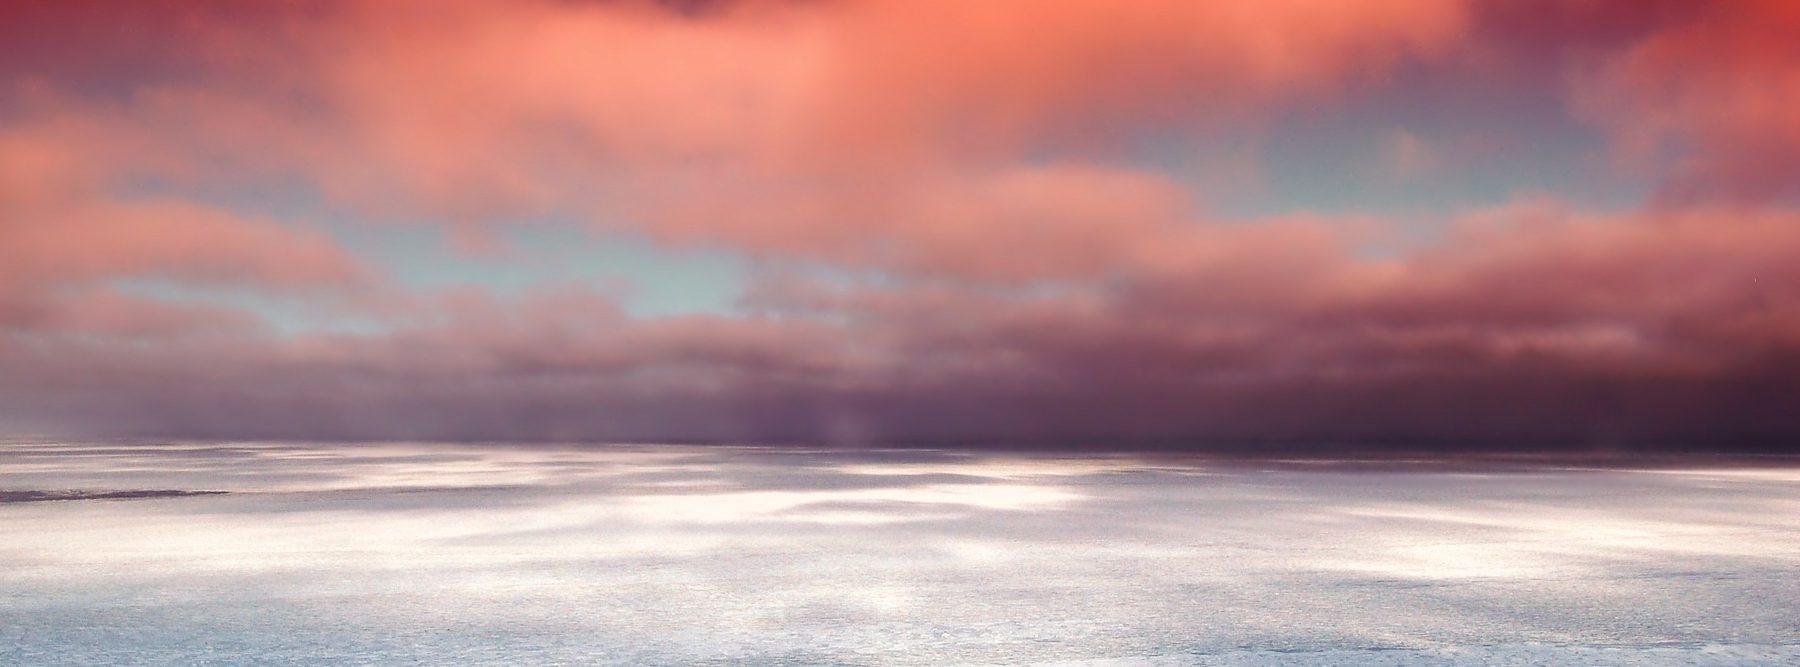 Plutón podría tener un océano subterráneo